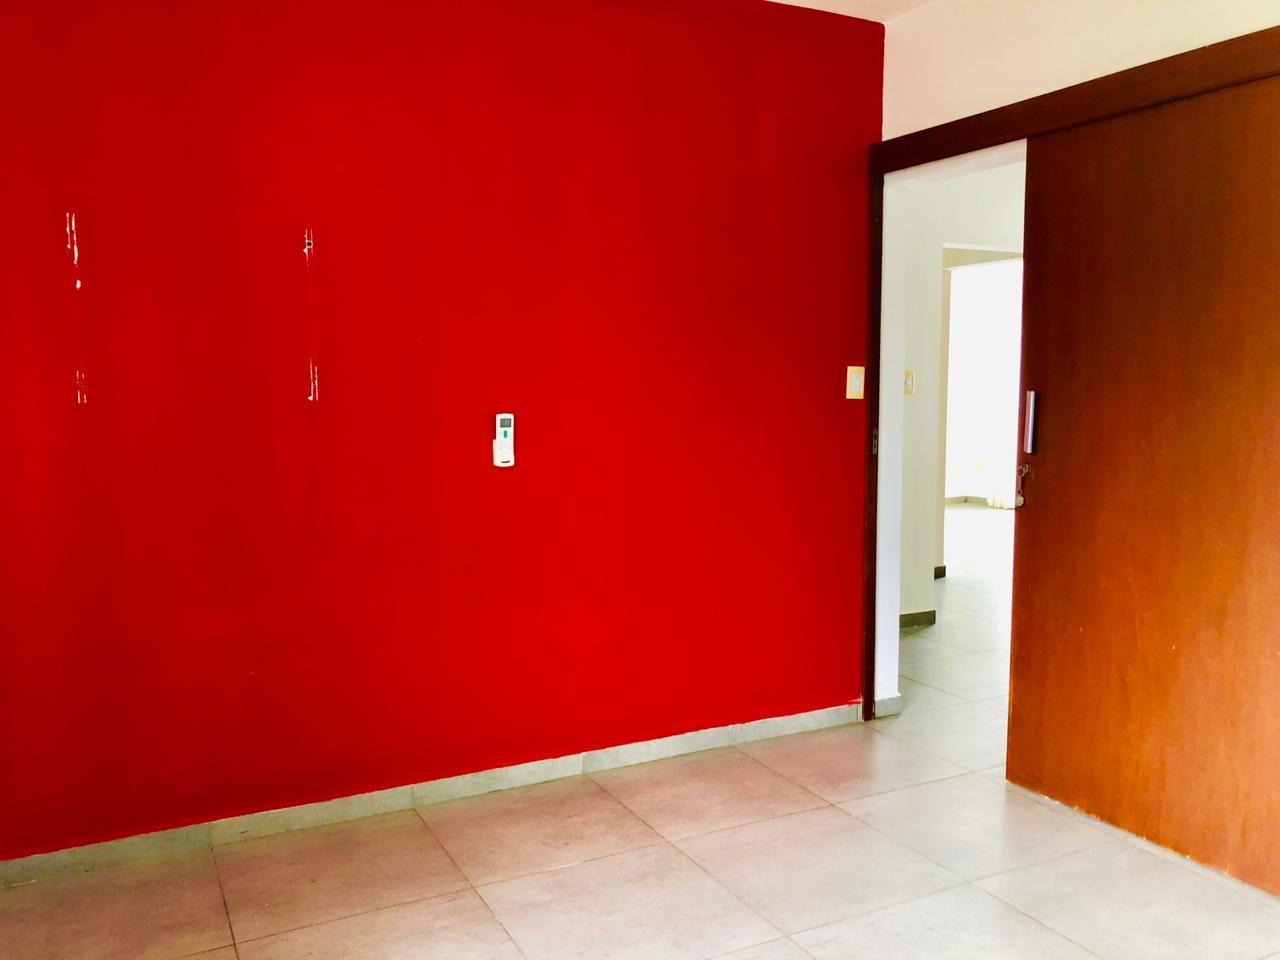 Casa en Alquiler Zona Urubo - Condominio Jardines del Urubo - lado de Restaurante Casa del Camba - a 1 minuto del Puente principal. Foto 6